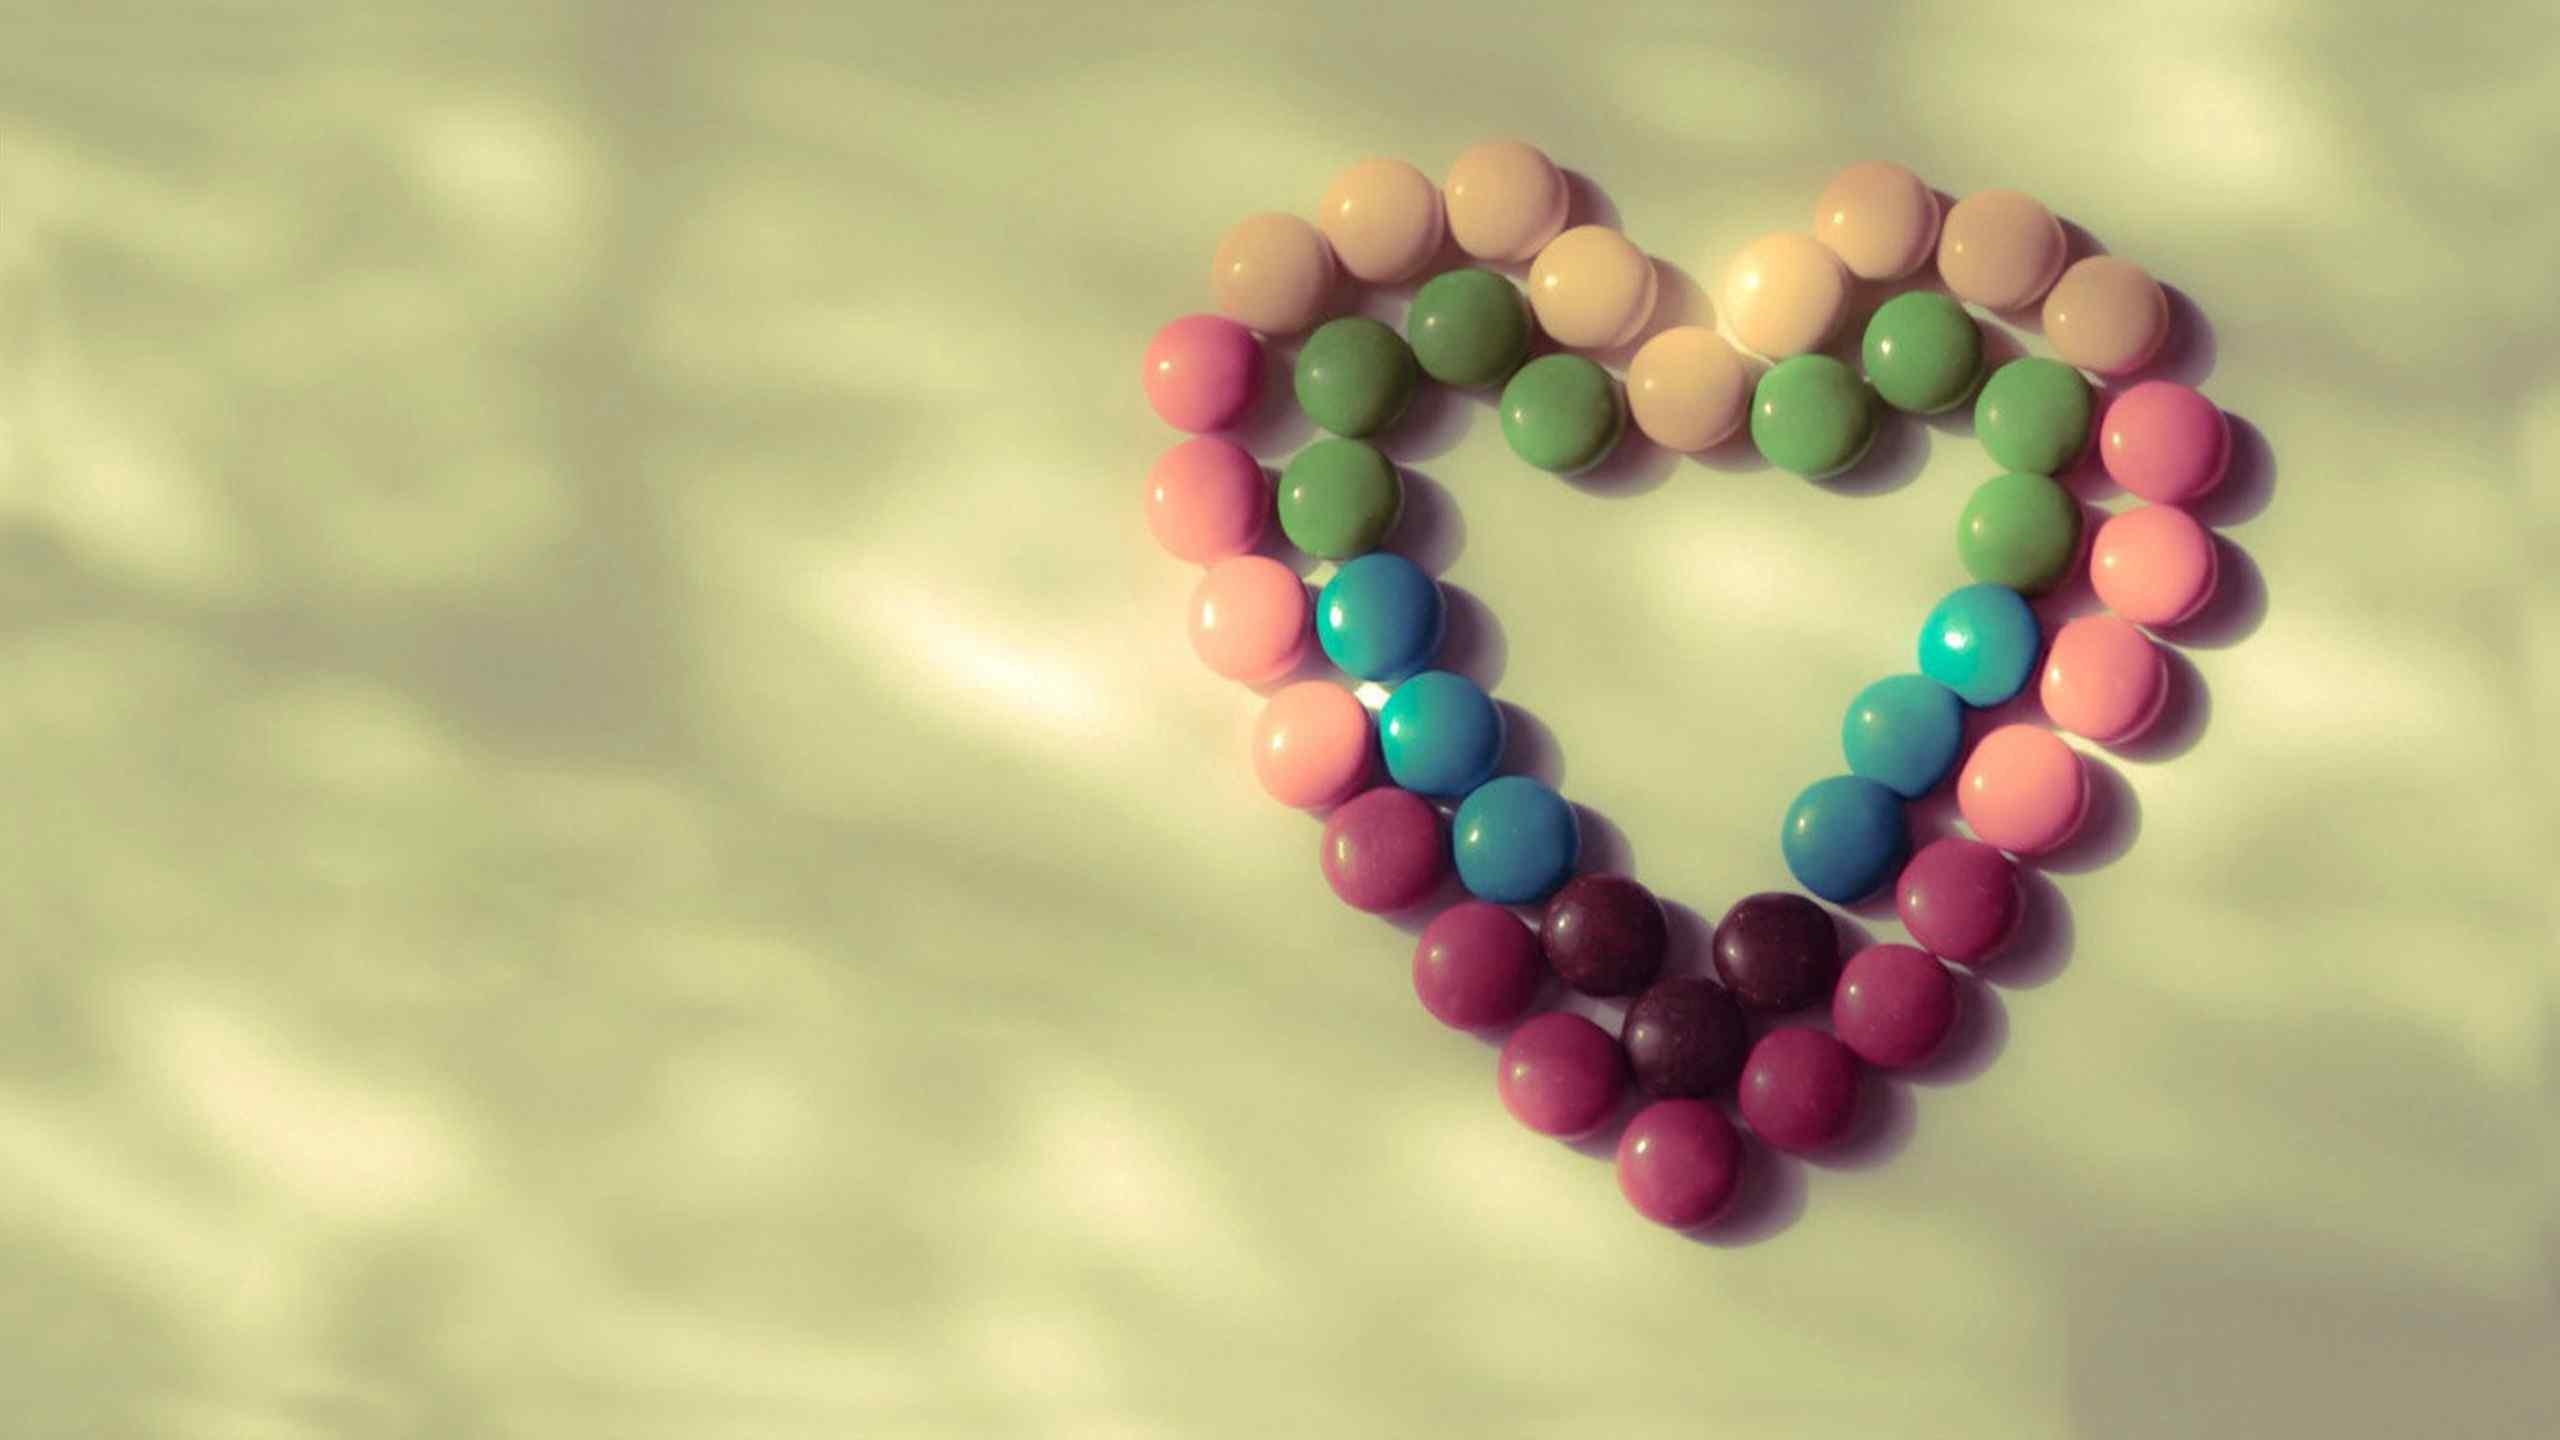 爱心巧克力糖甜蜜桌面壁纸